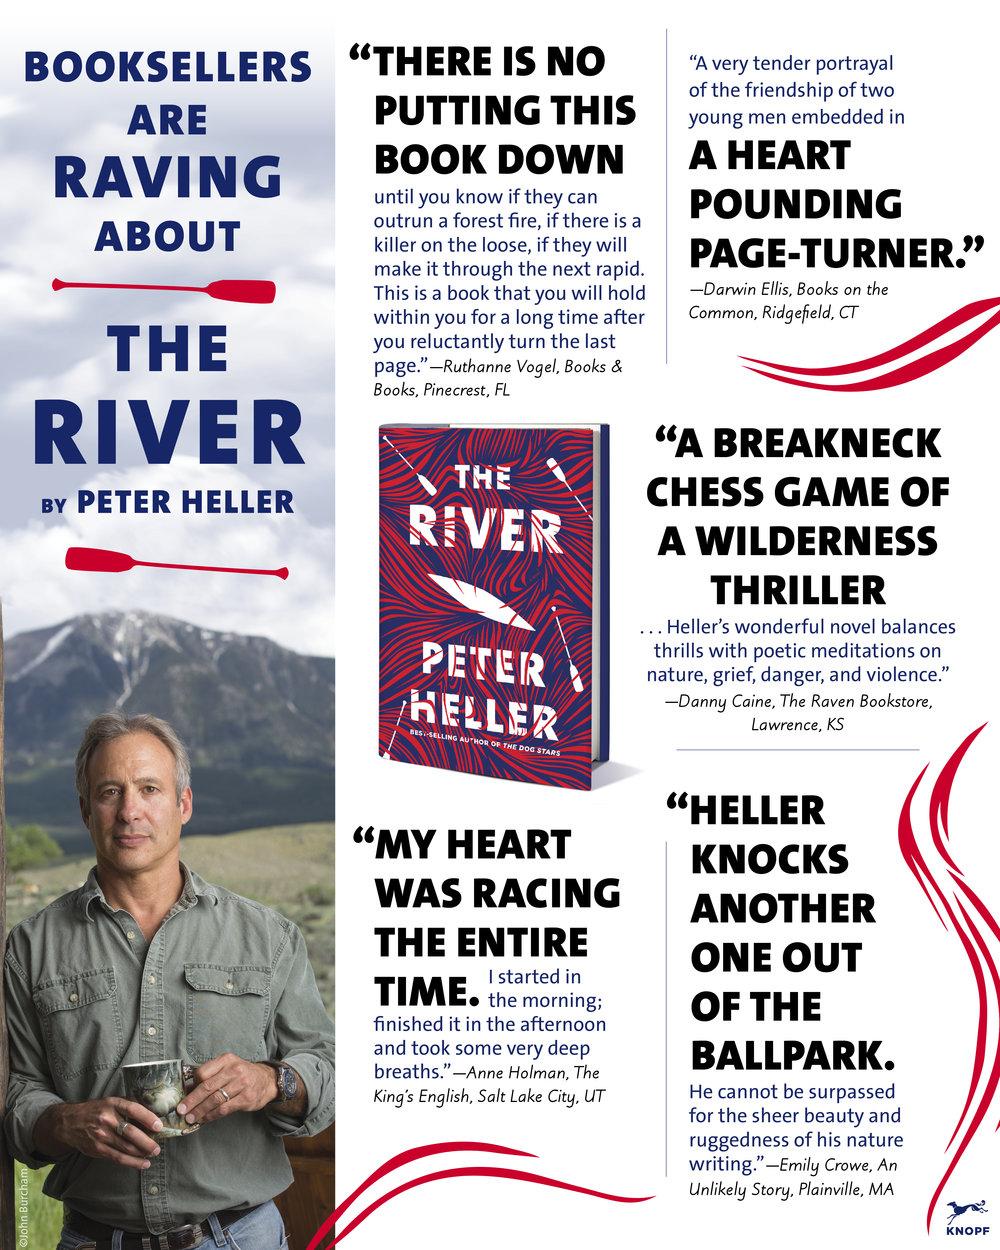 Heller_TheRiver_BooksellerEquotesFlyer_v4.jpg